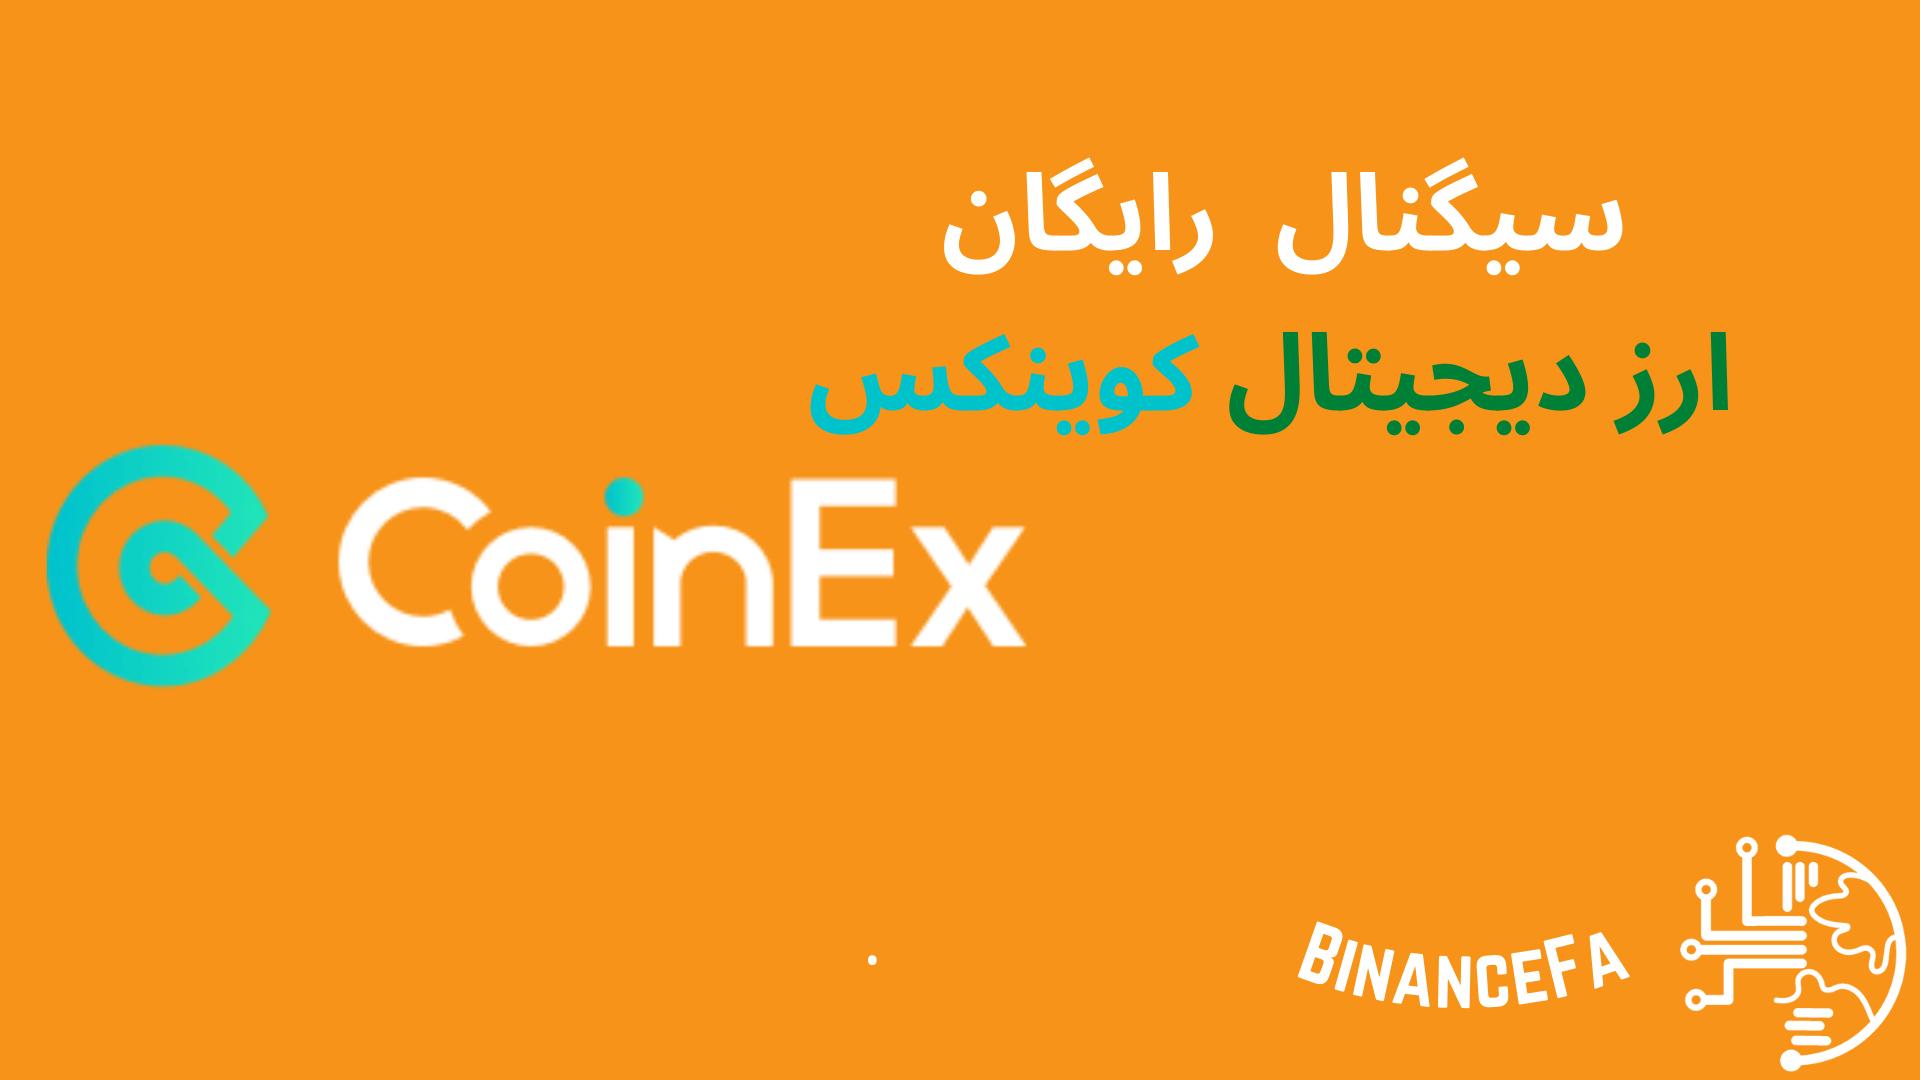 سیگنال رایگان کوینکس coinex Free